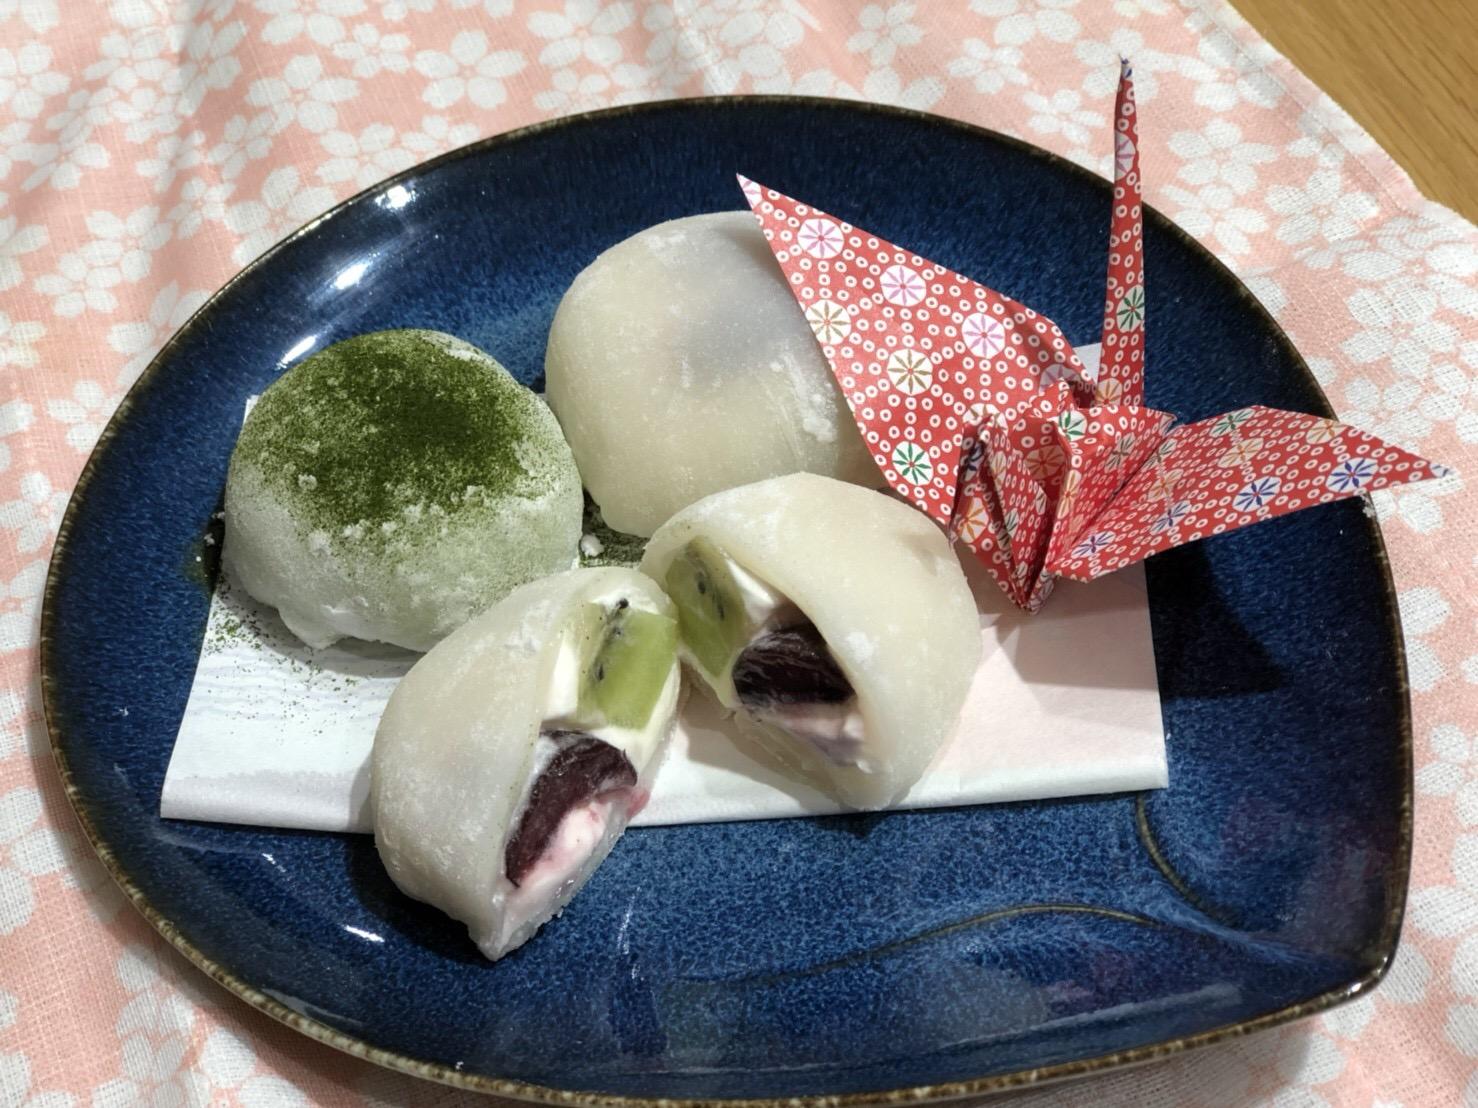 Fruits Daifuku